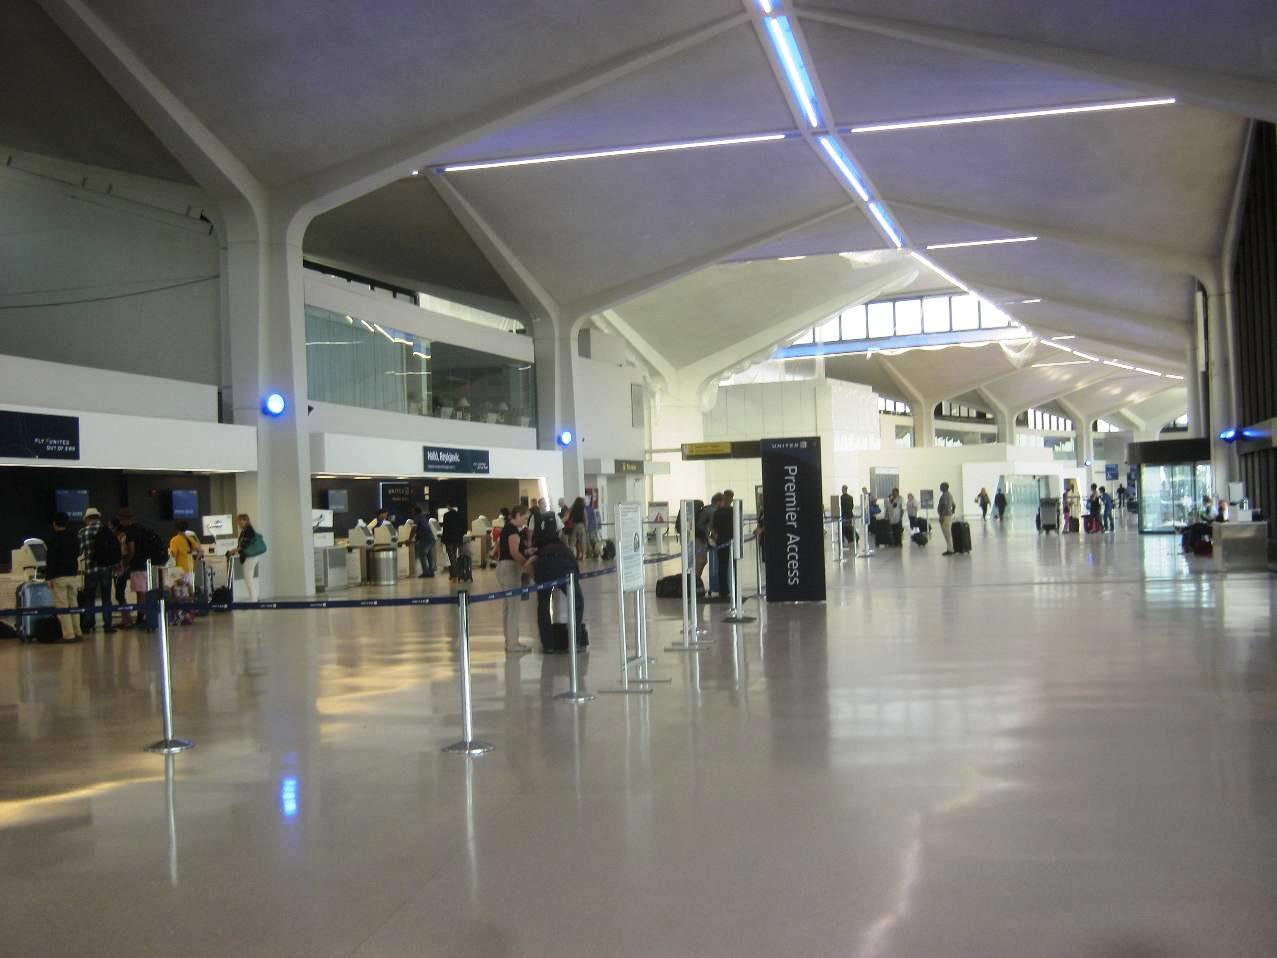 Cターミナルの中。